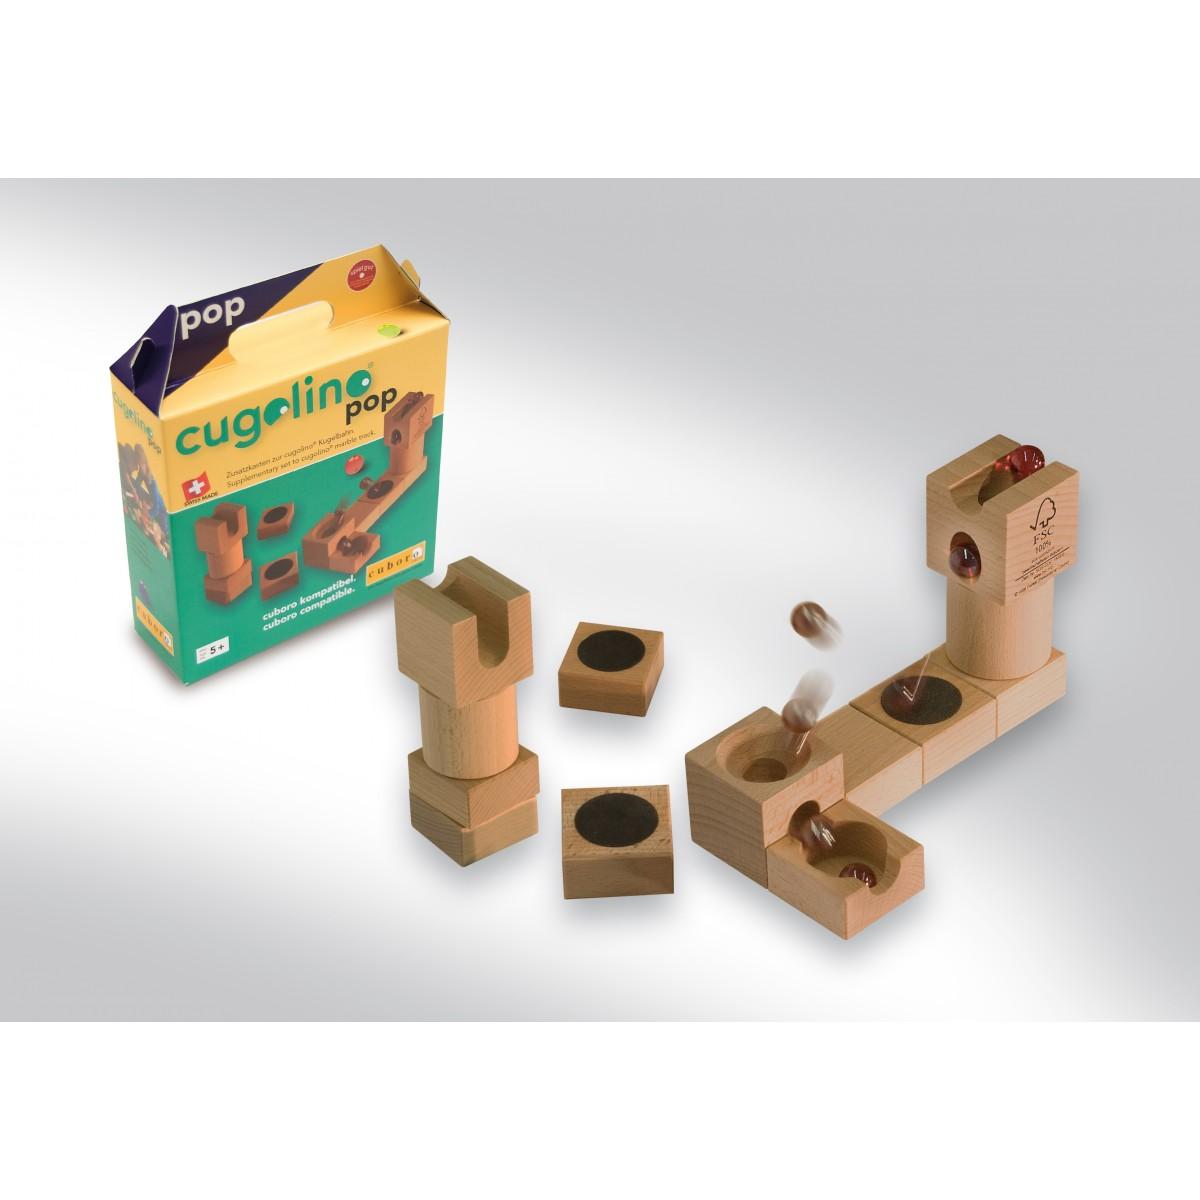 Cuboro cugolino pop zusatzkasten beim holzspielzeug profi for Holzspielzeug profi